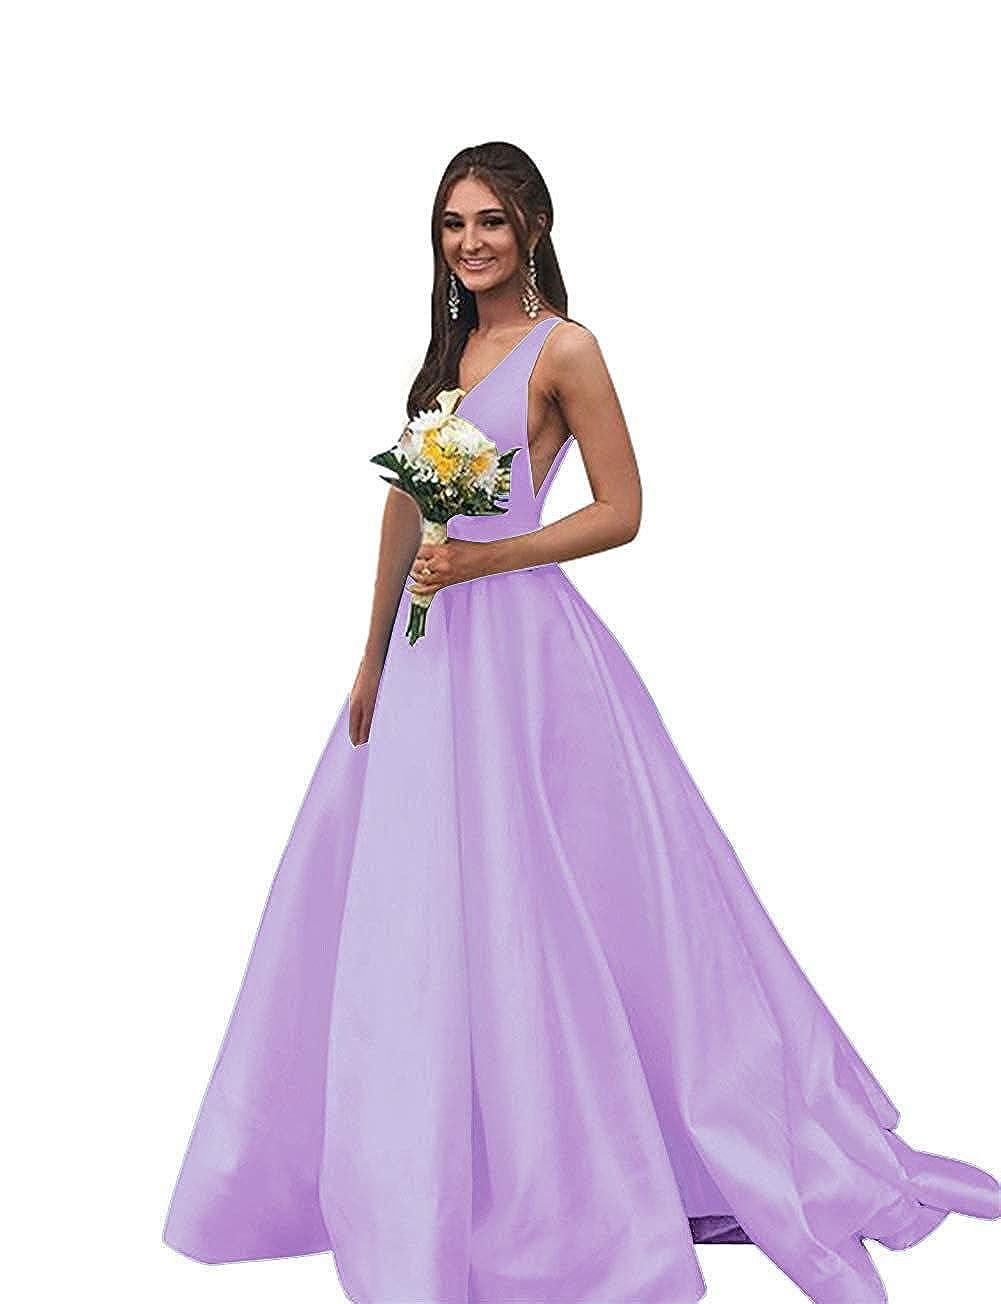 Lavender liangjinsmkj Prom Dresses Long Satin Aline V Neck Evening Ball Gowns for Women with Pockets